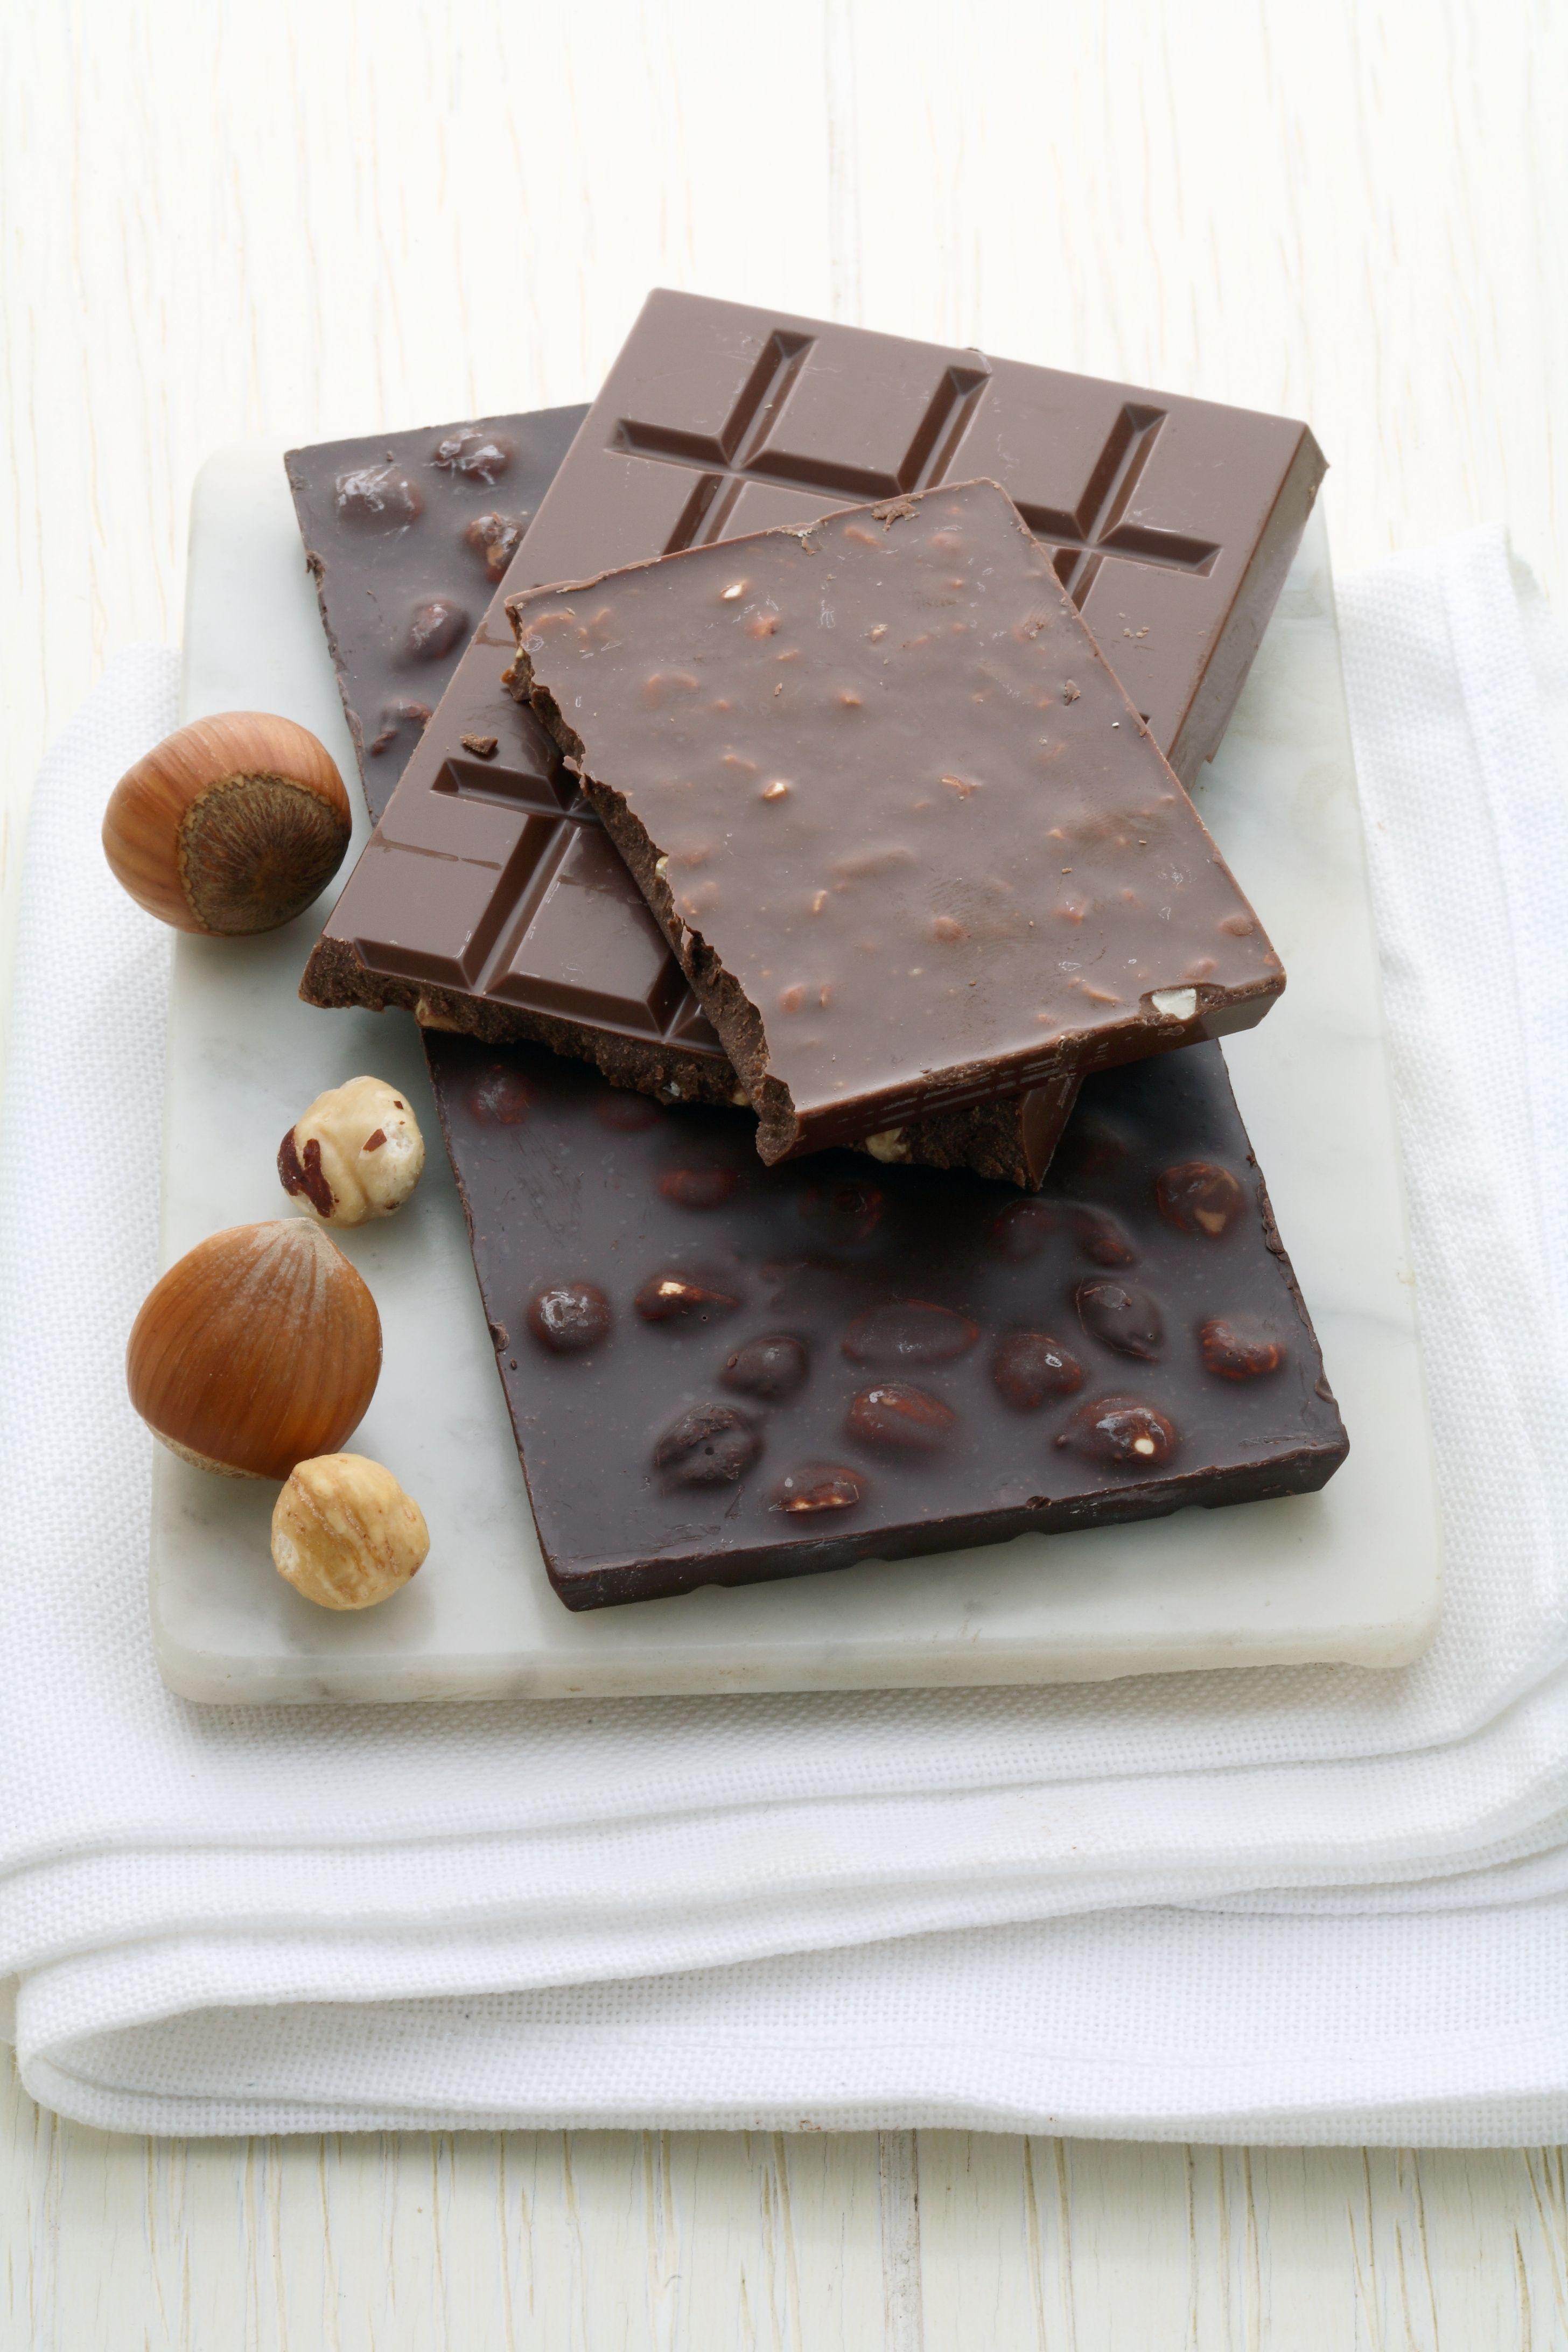 bars of milk chocolate and dark chocolate